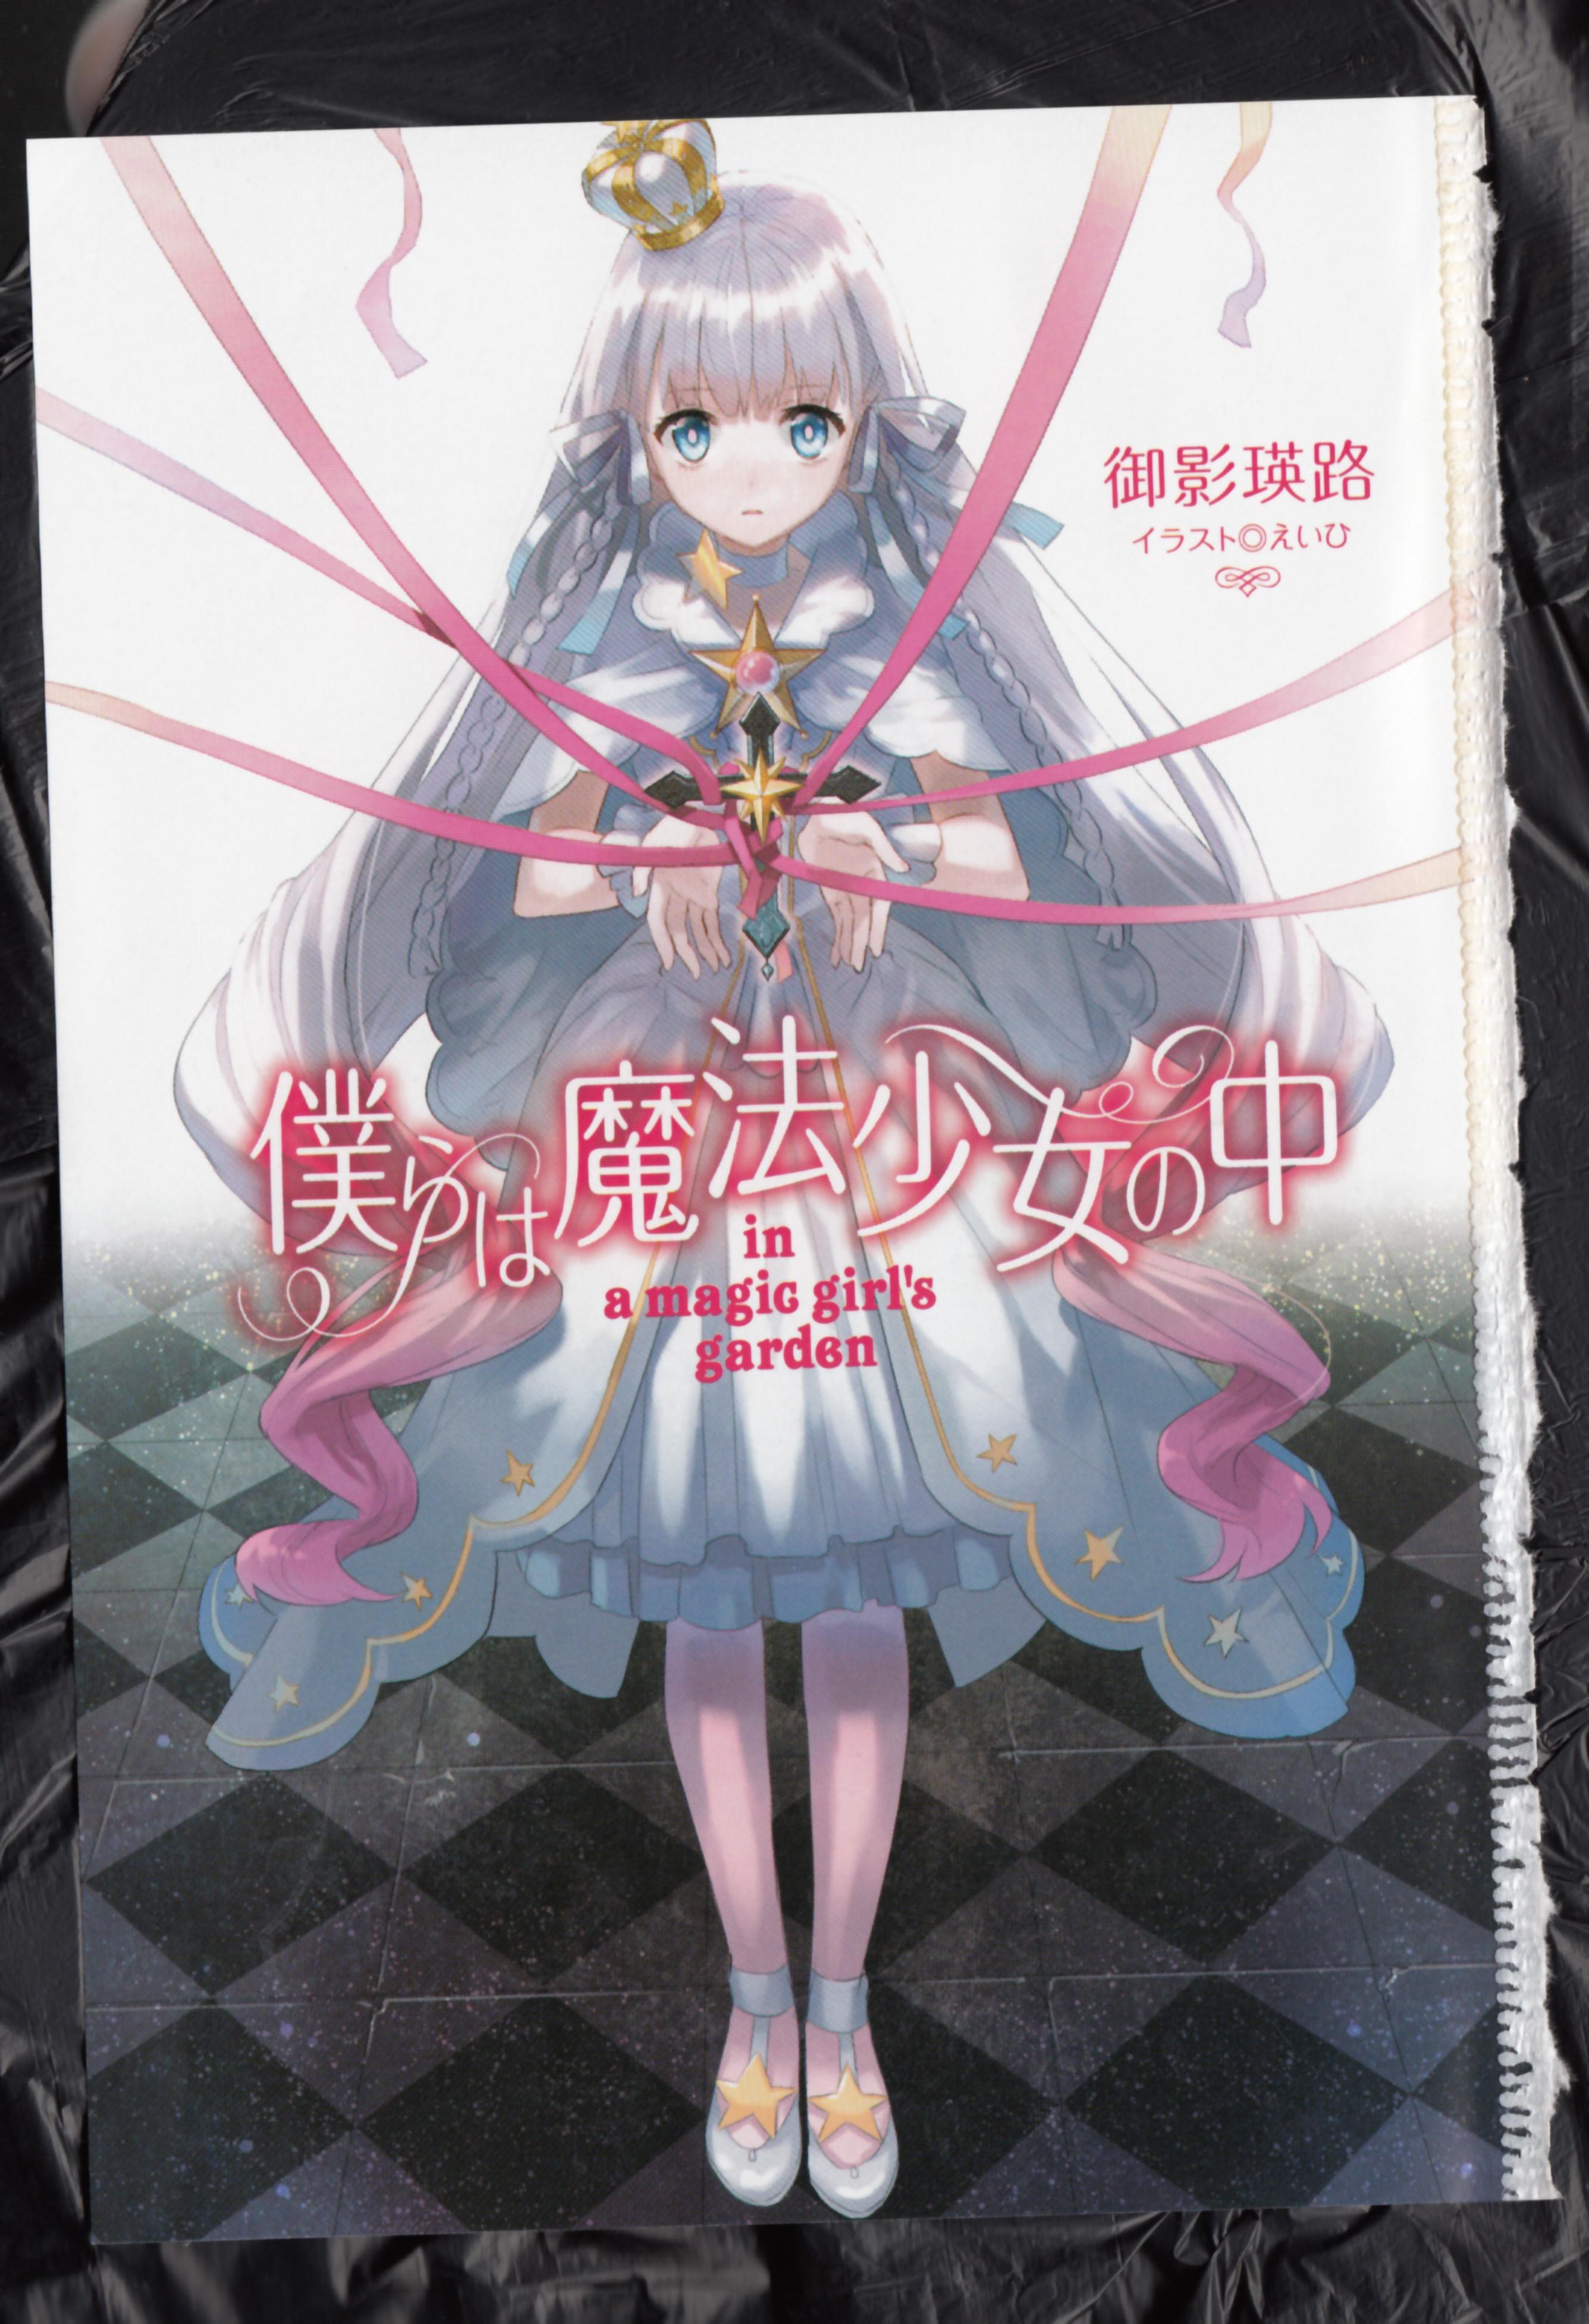 Bokura wa Mahou Shoujo no Naka - in a magic girl's garden: Tập 1 - Hình Minh Họa